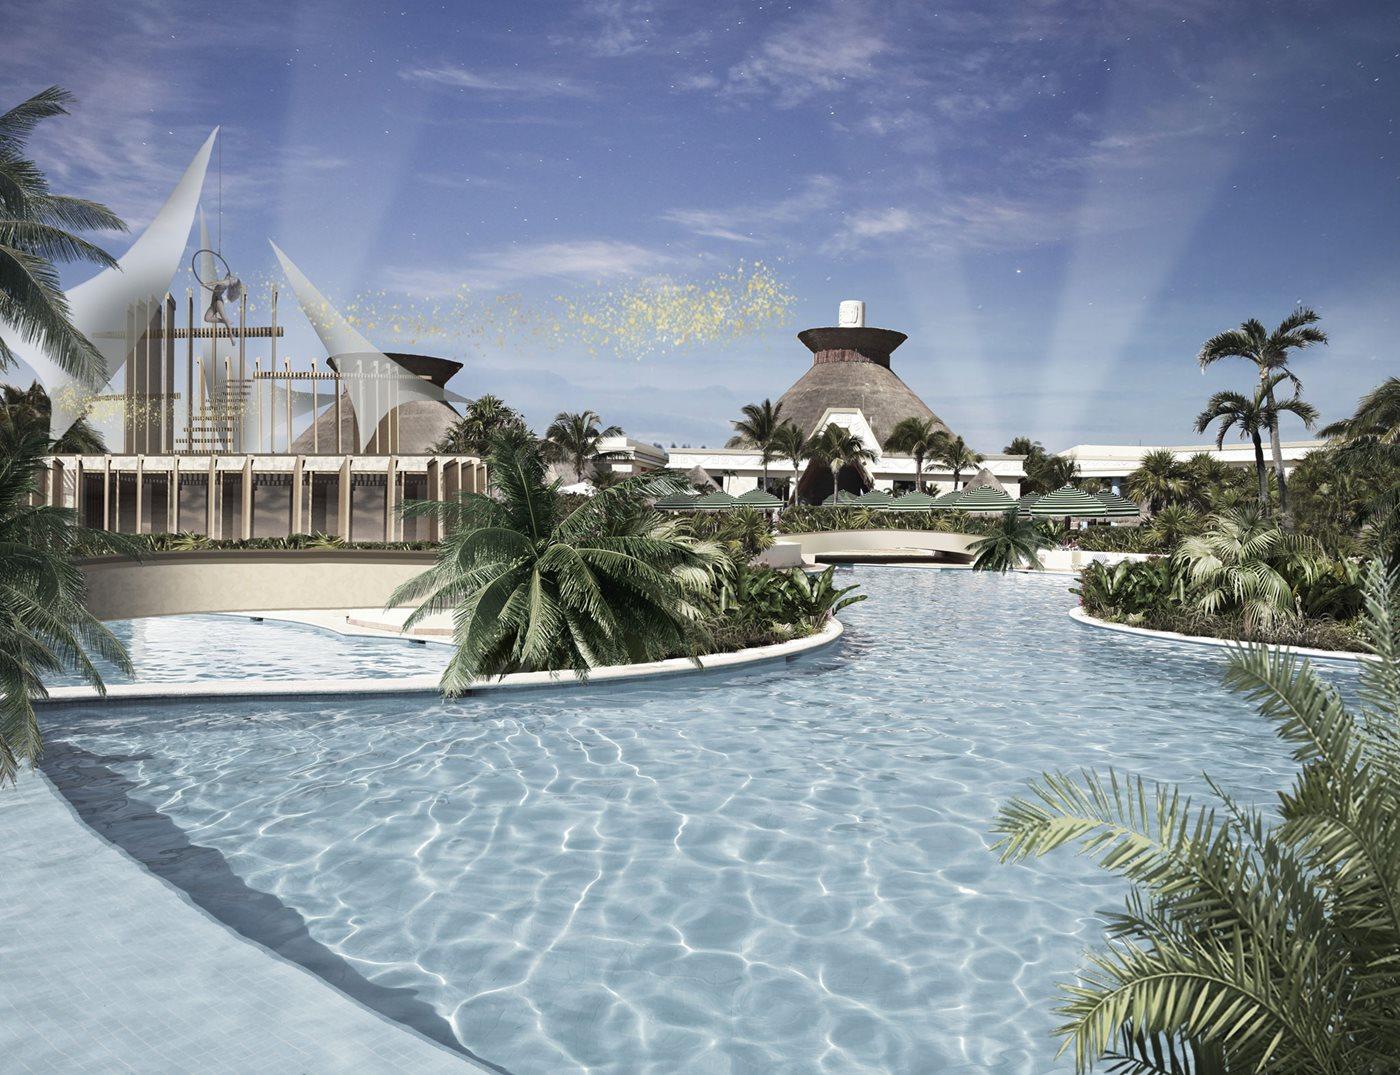 Bahia Principe Grand Tulum : renouveau d'une icône [VIDÉO]